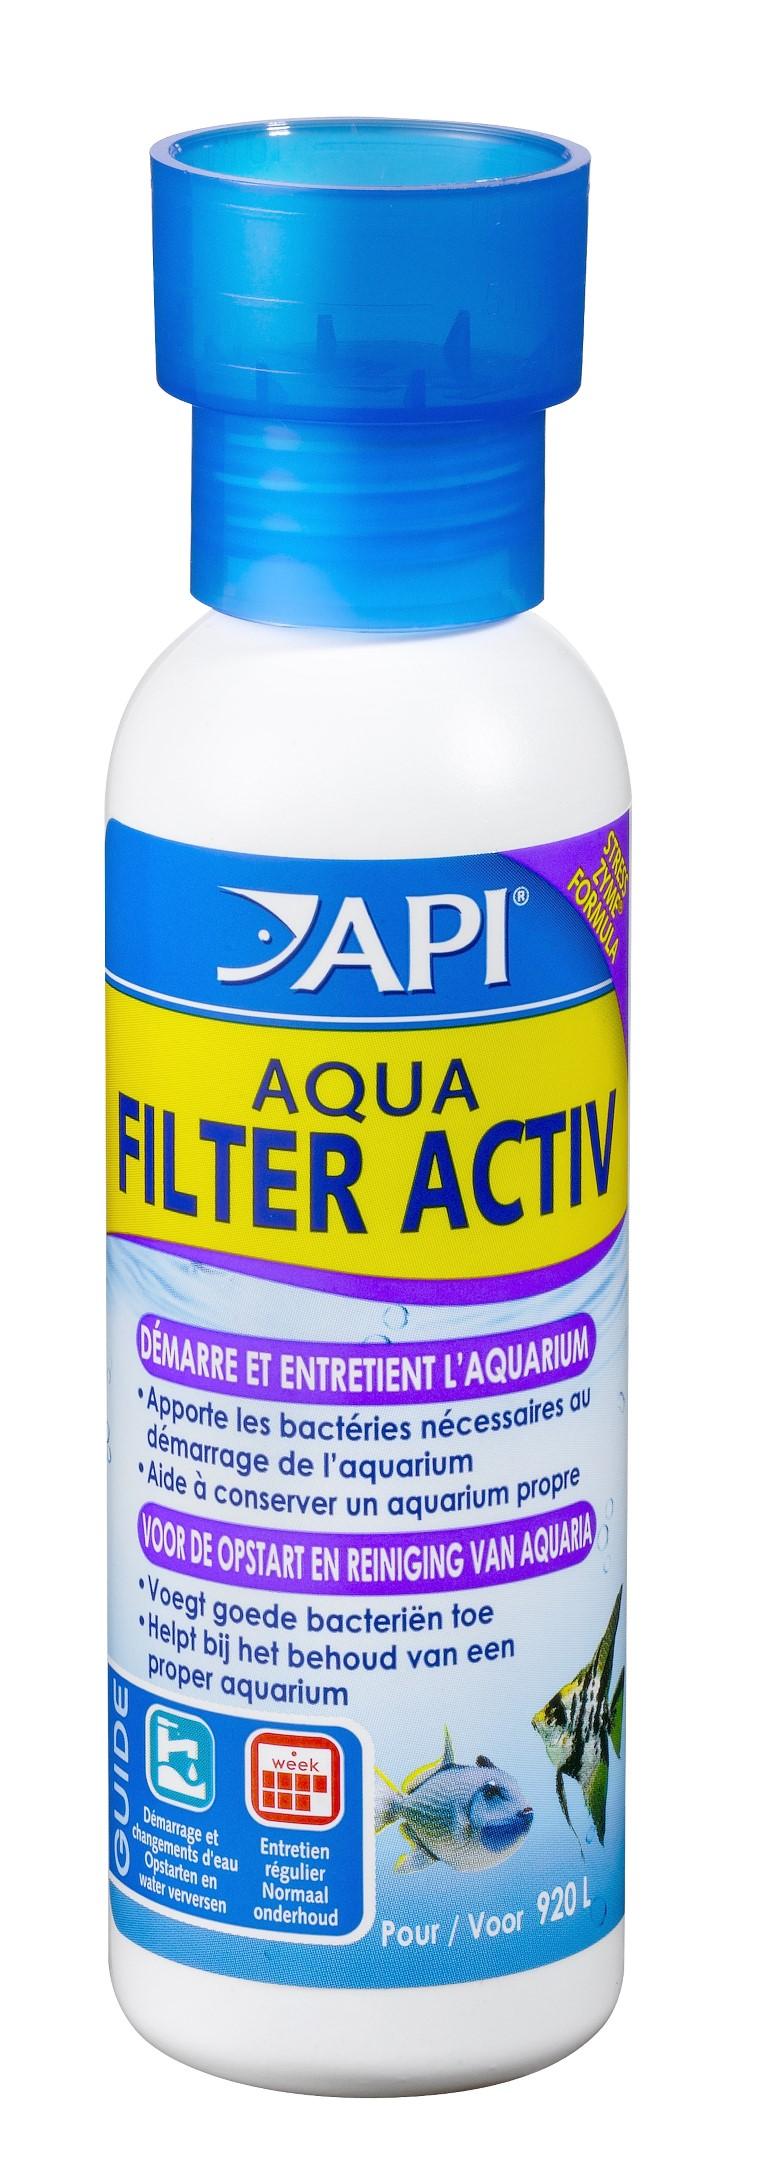 Aqua Filter Activ API 118 mL